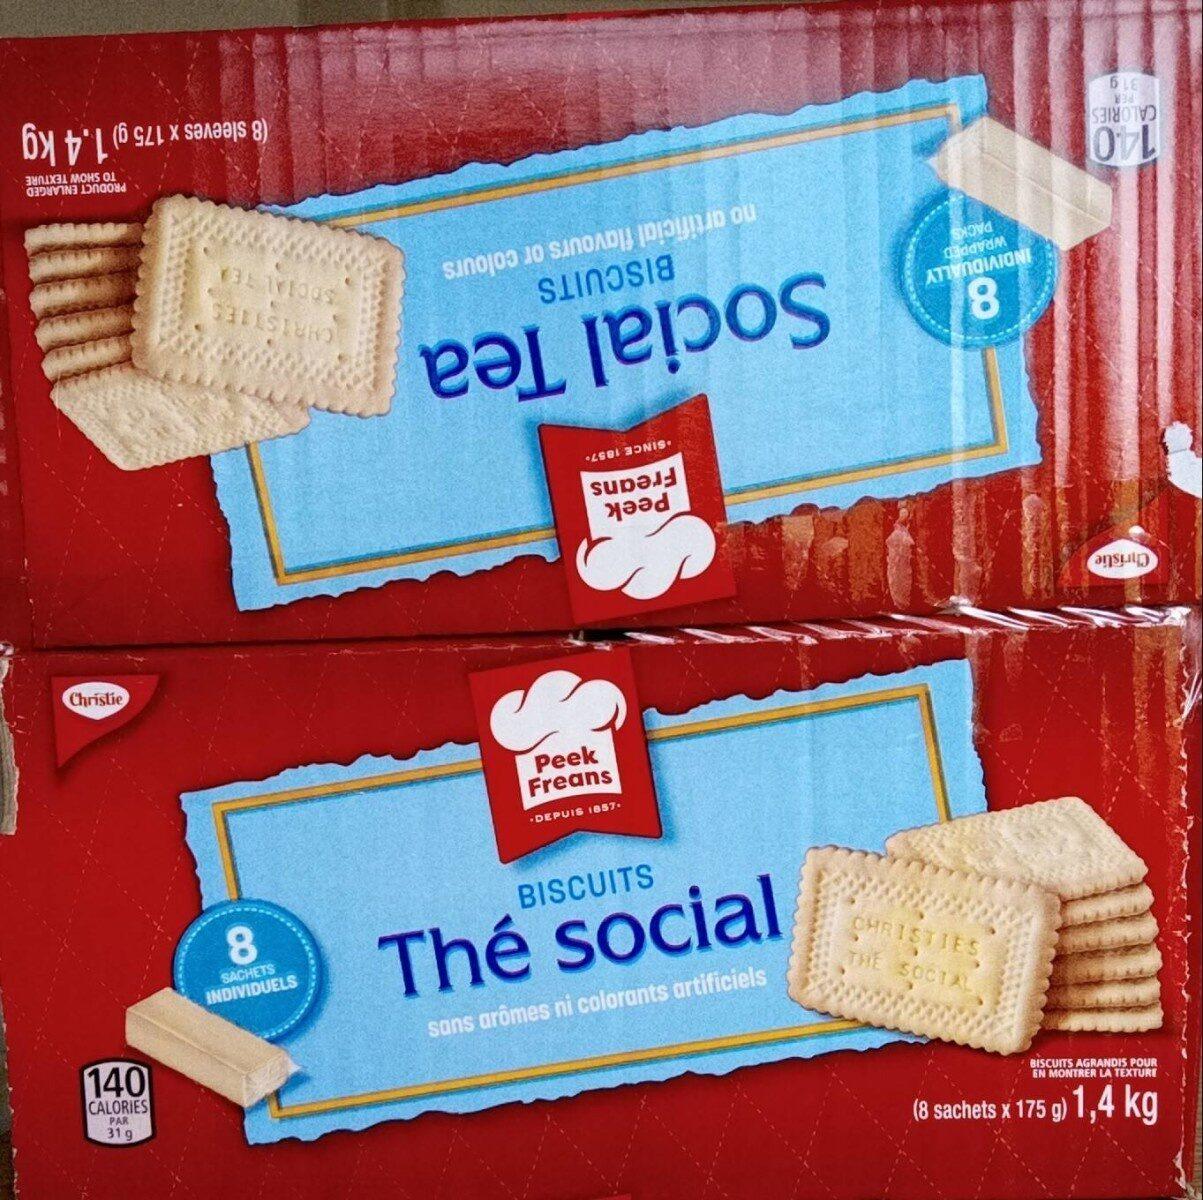 Biscuits Thé social - Produit - fr